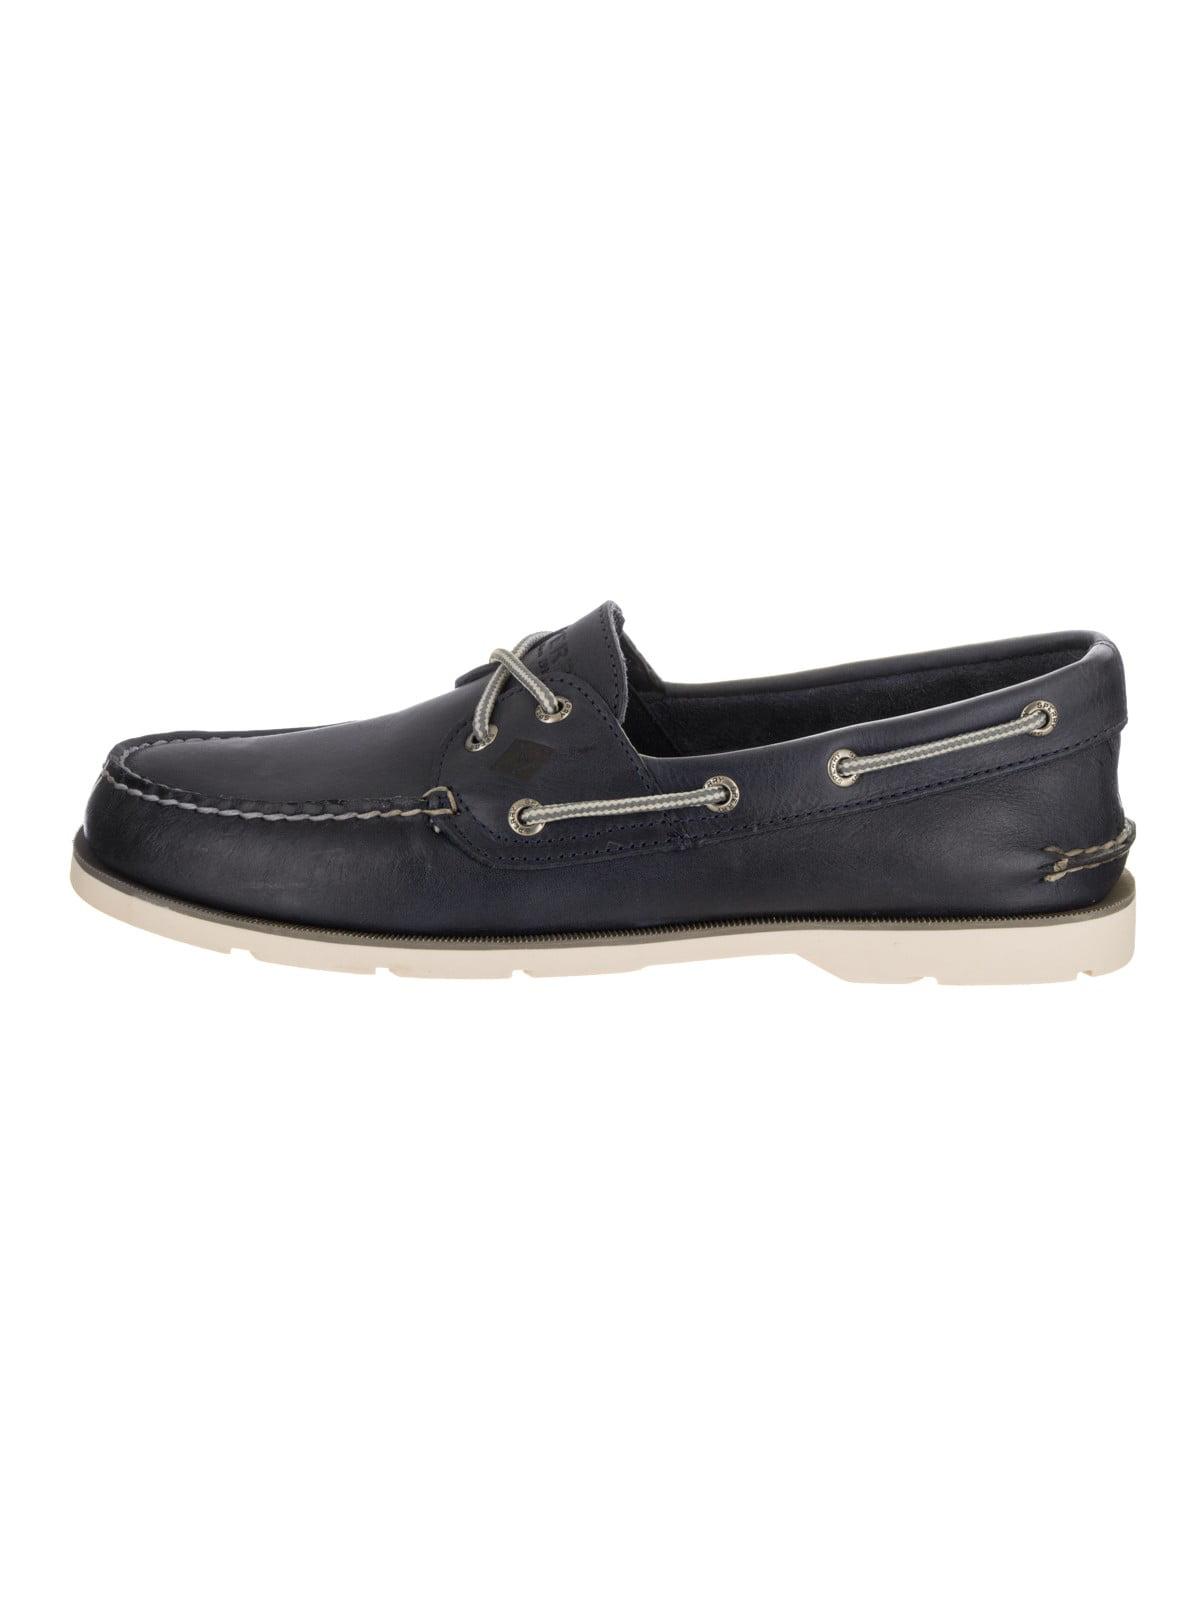 Sperry Top-Sider Men's Leeward X-Lace Boat Shoe